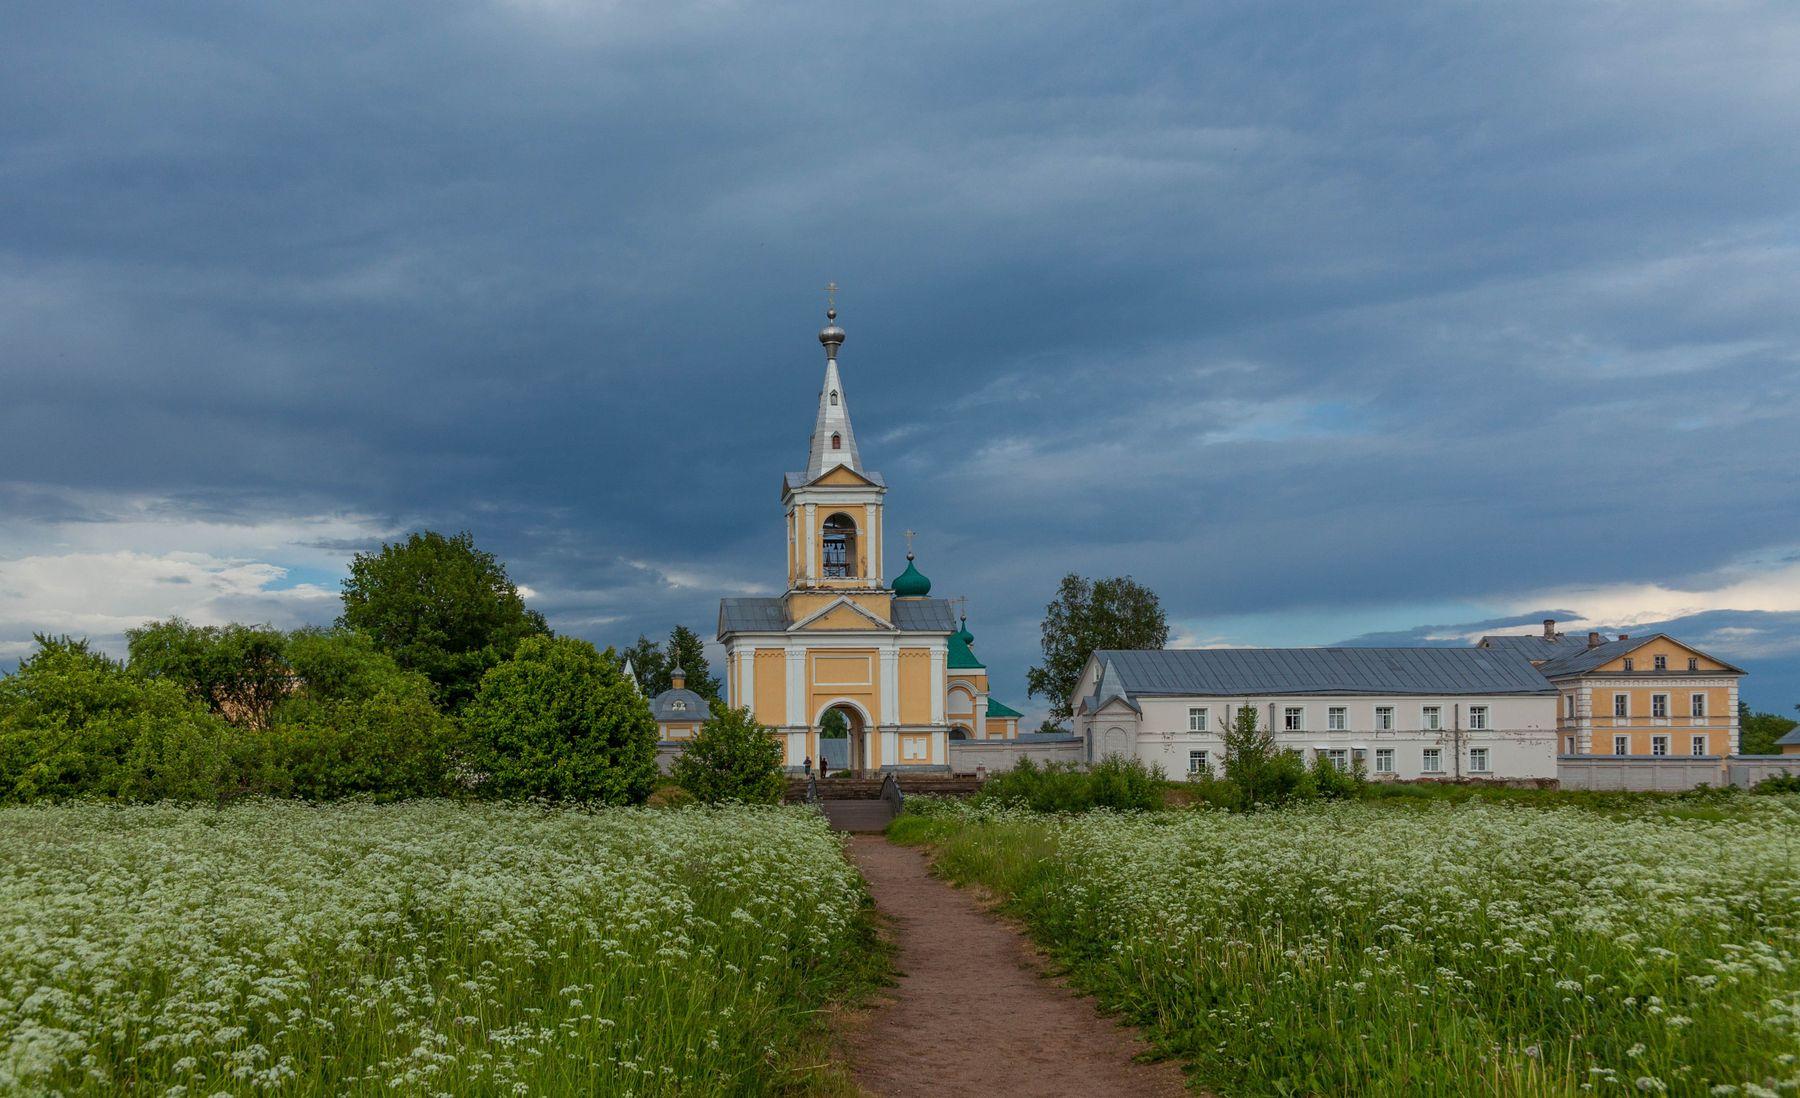 Введено-Оятский монастырь .